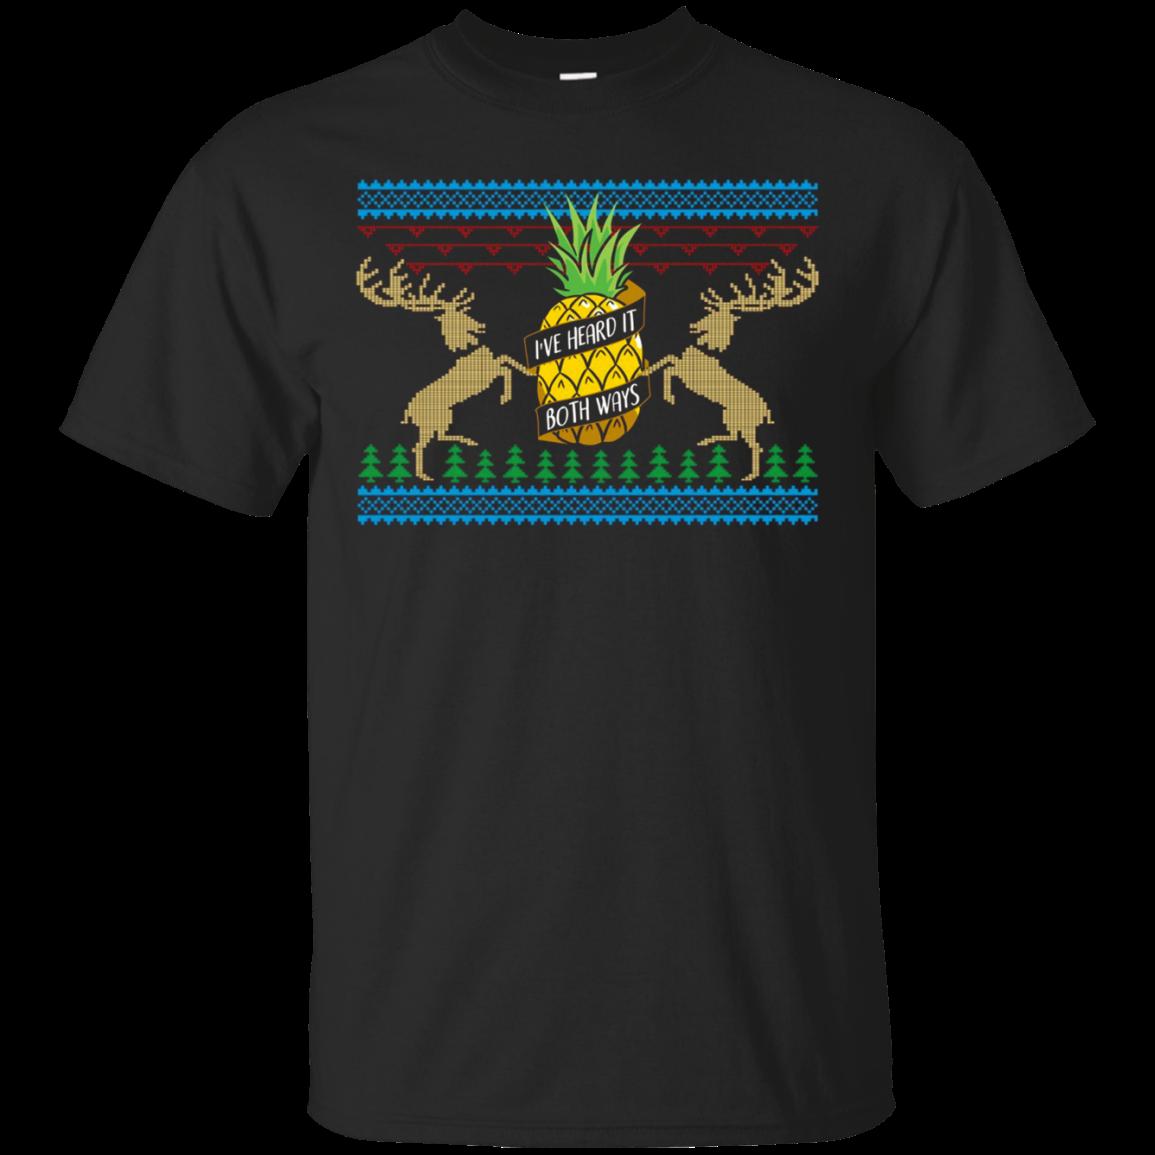 Psych Movies 2017 Christmas Tshirt